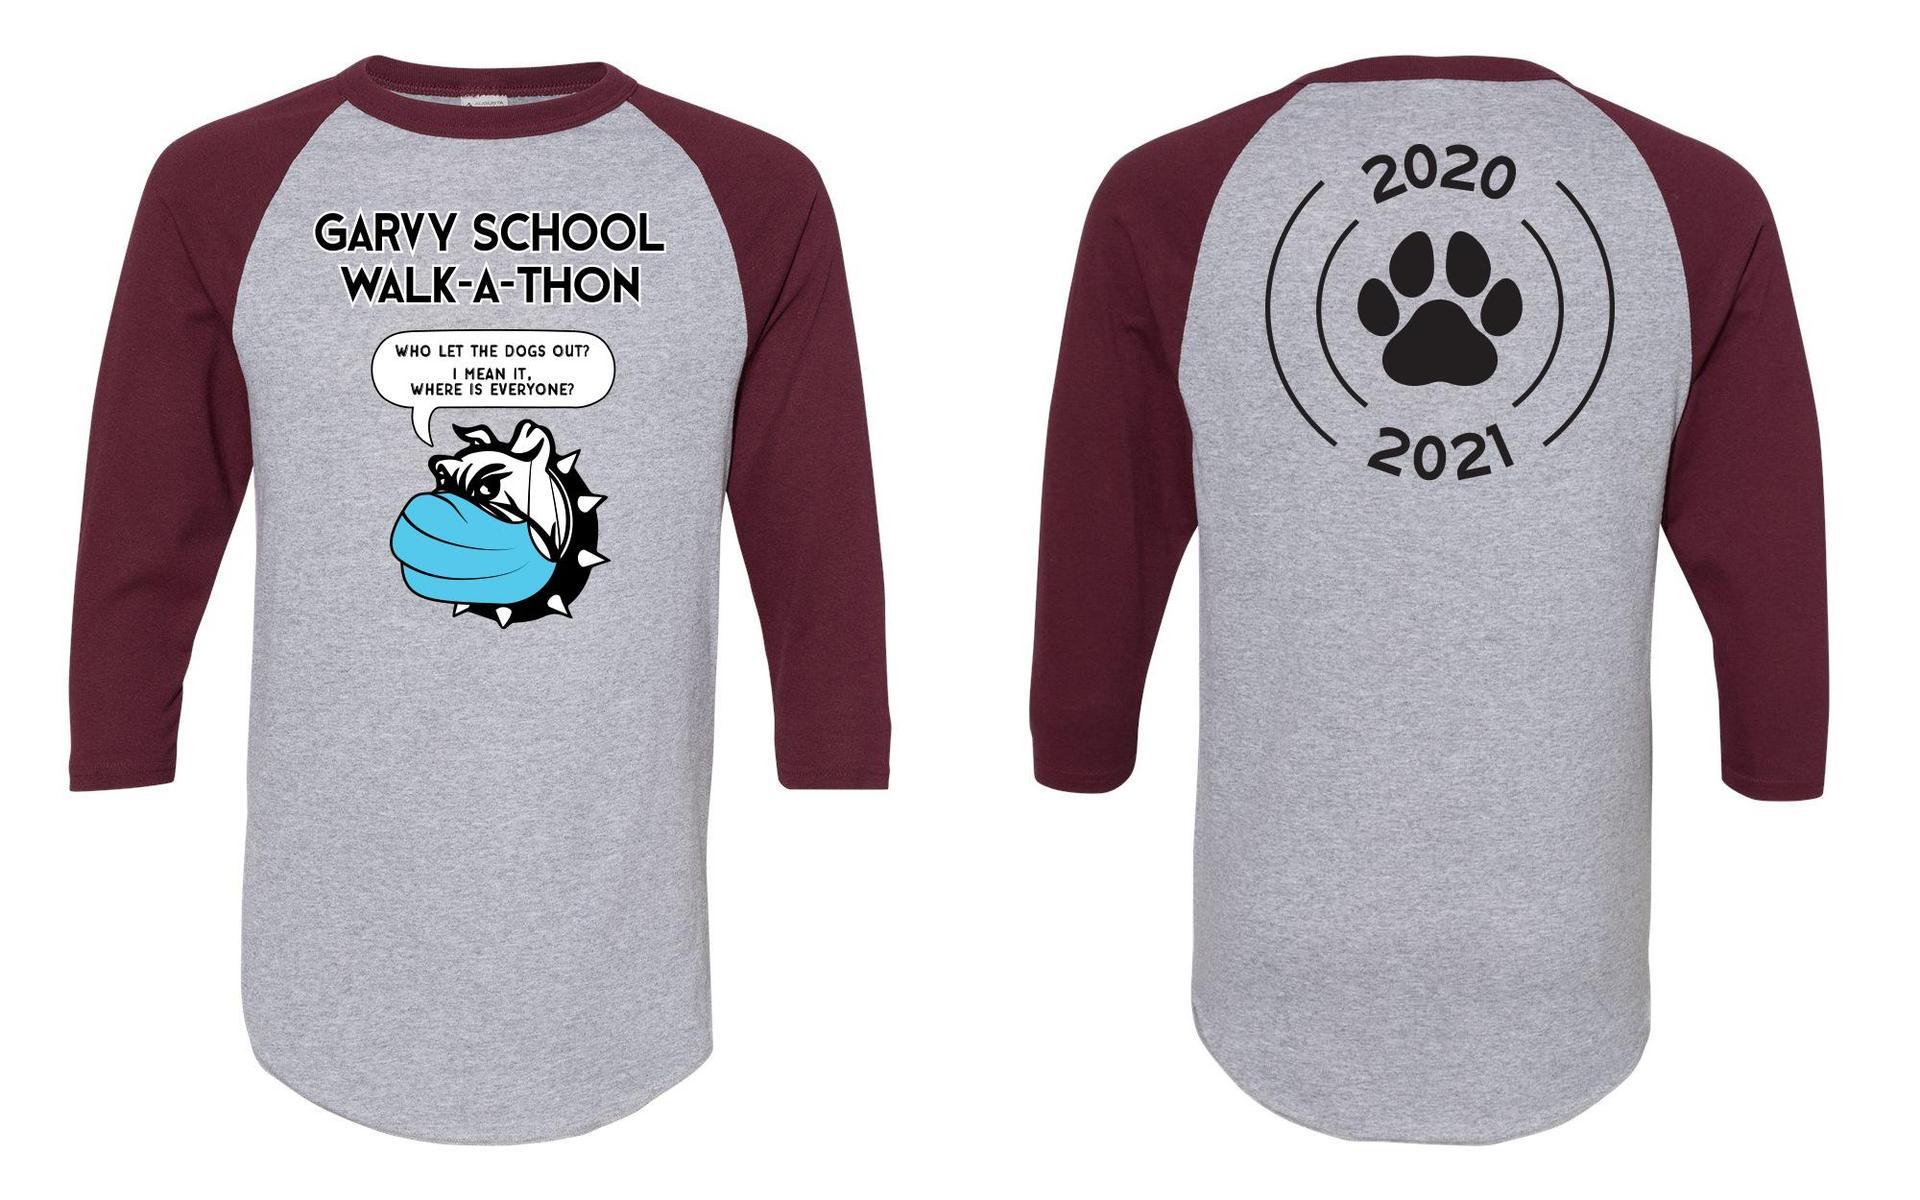 2020-2021 WAT T-Shirt